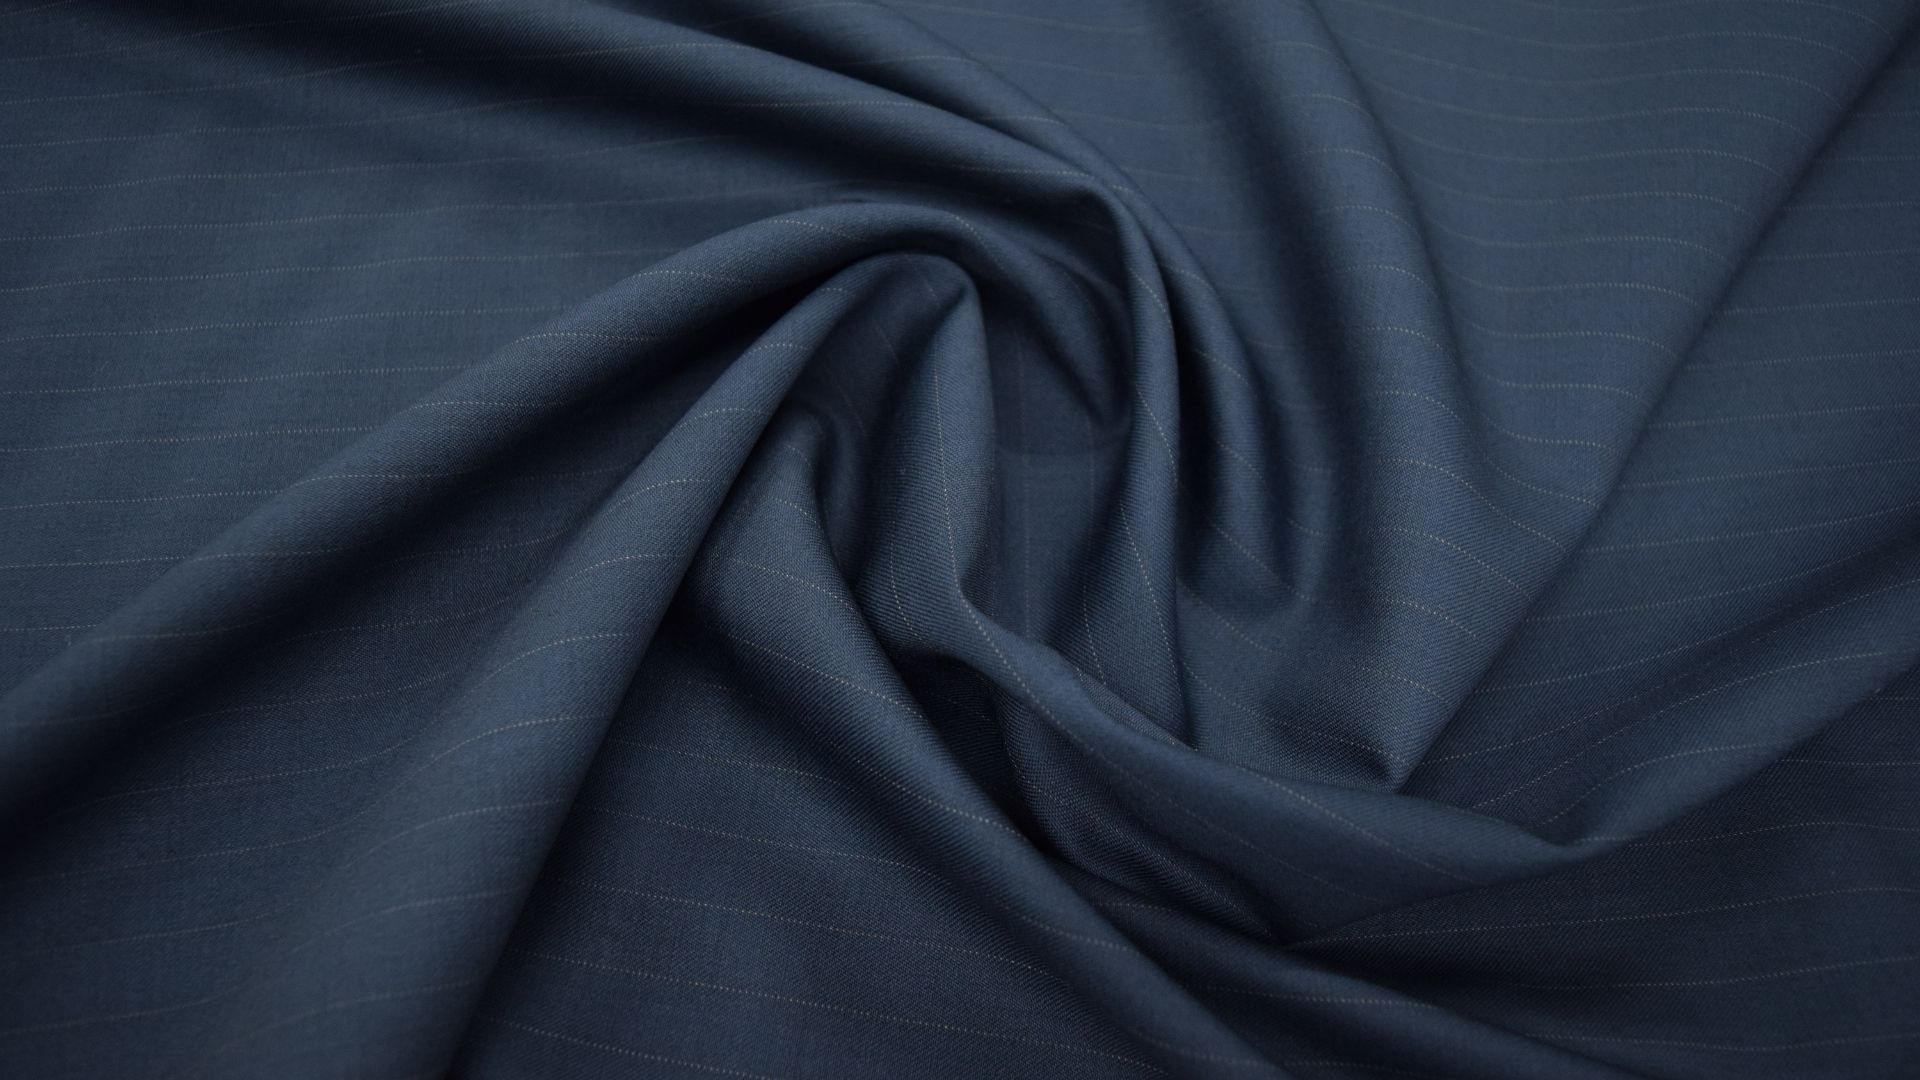 il particolare del tessuto tasmania986000, appartenente alla categoria classici fantasie, di Leadford & Logan